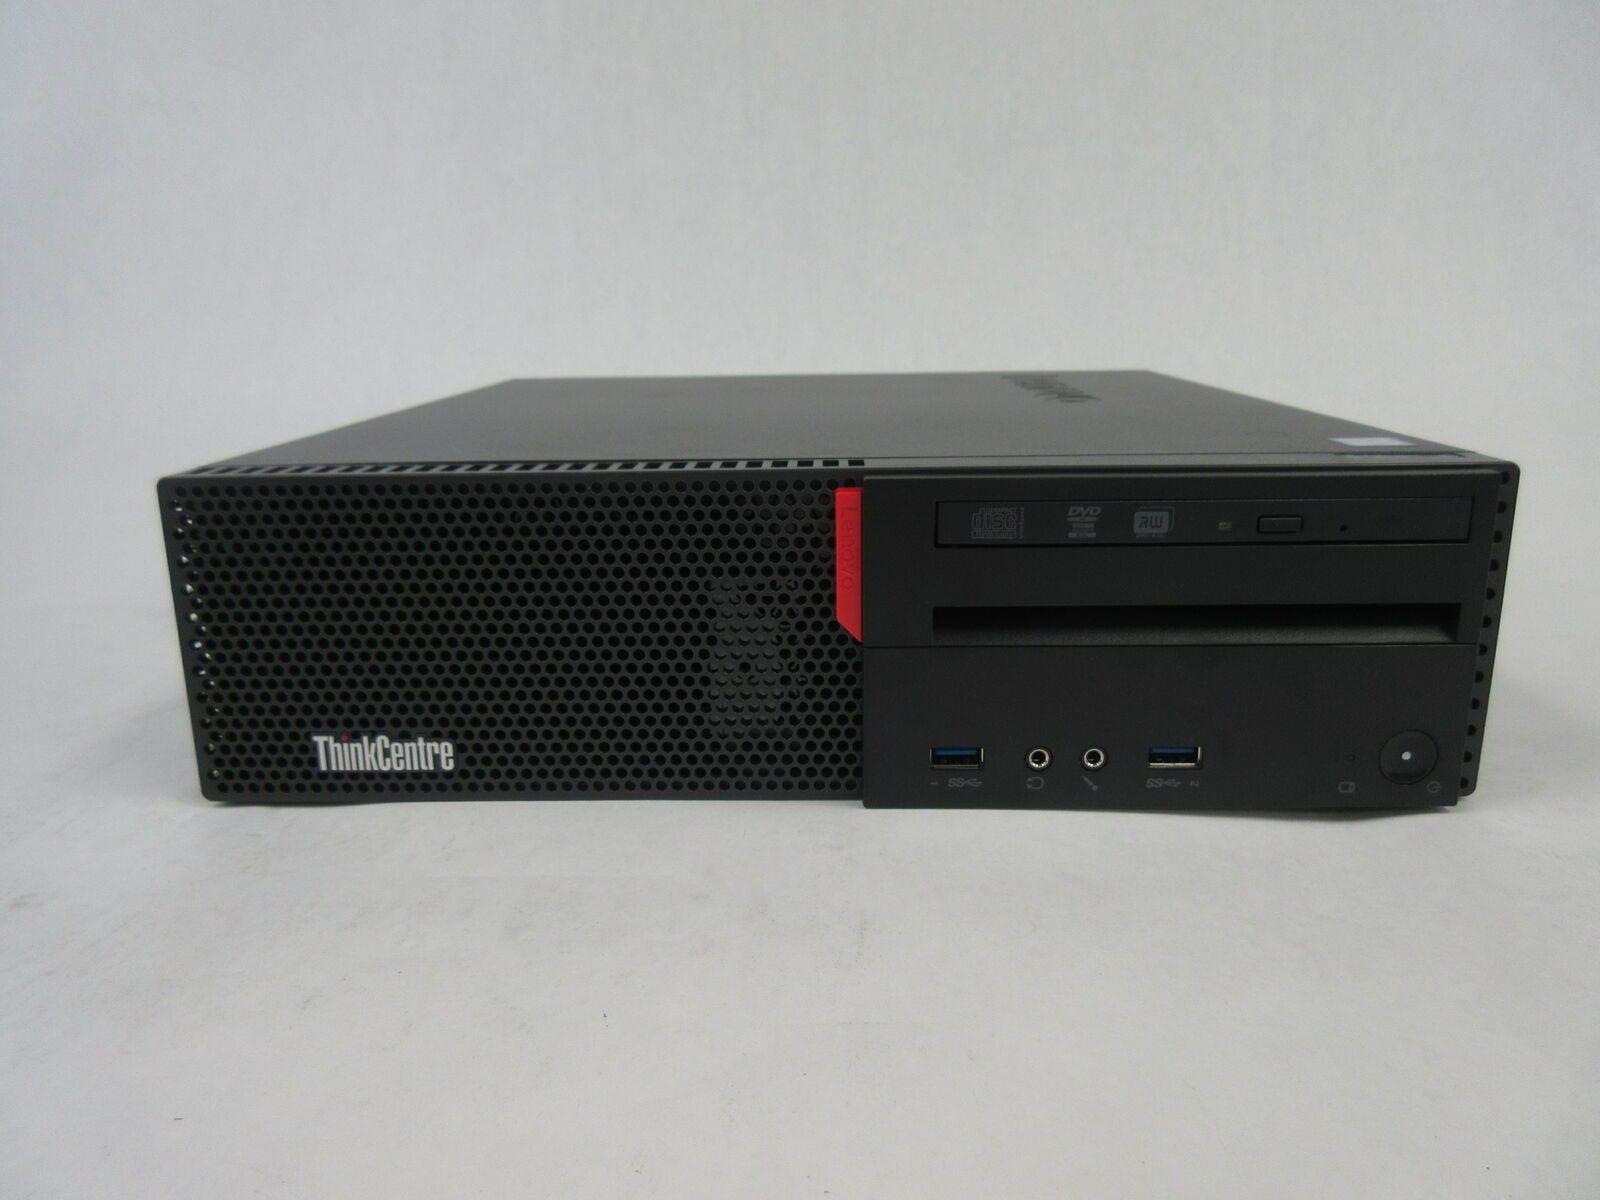 دسکتاپ لنوو مدل  M800 SFF A